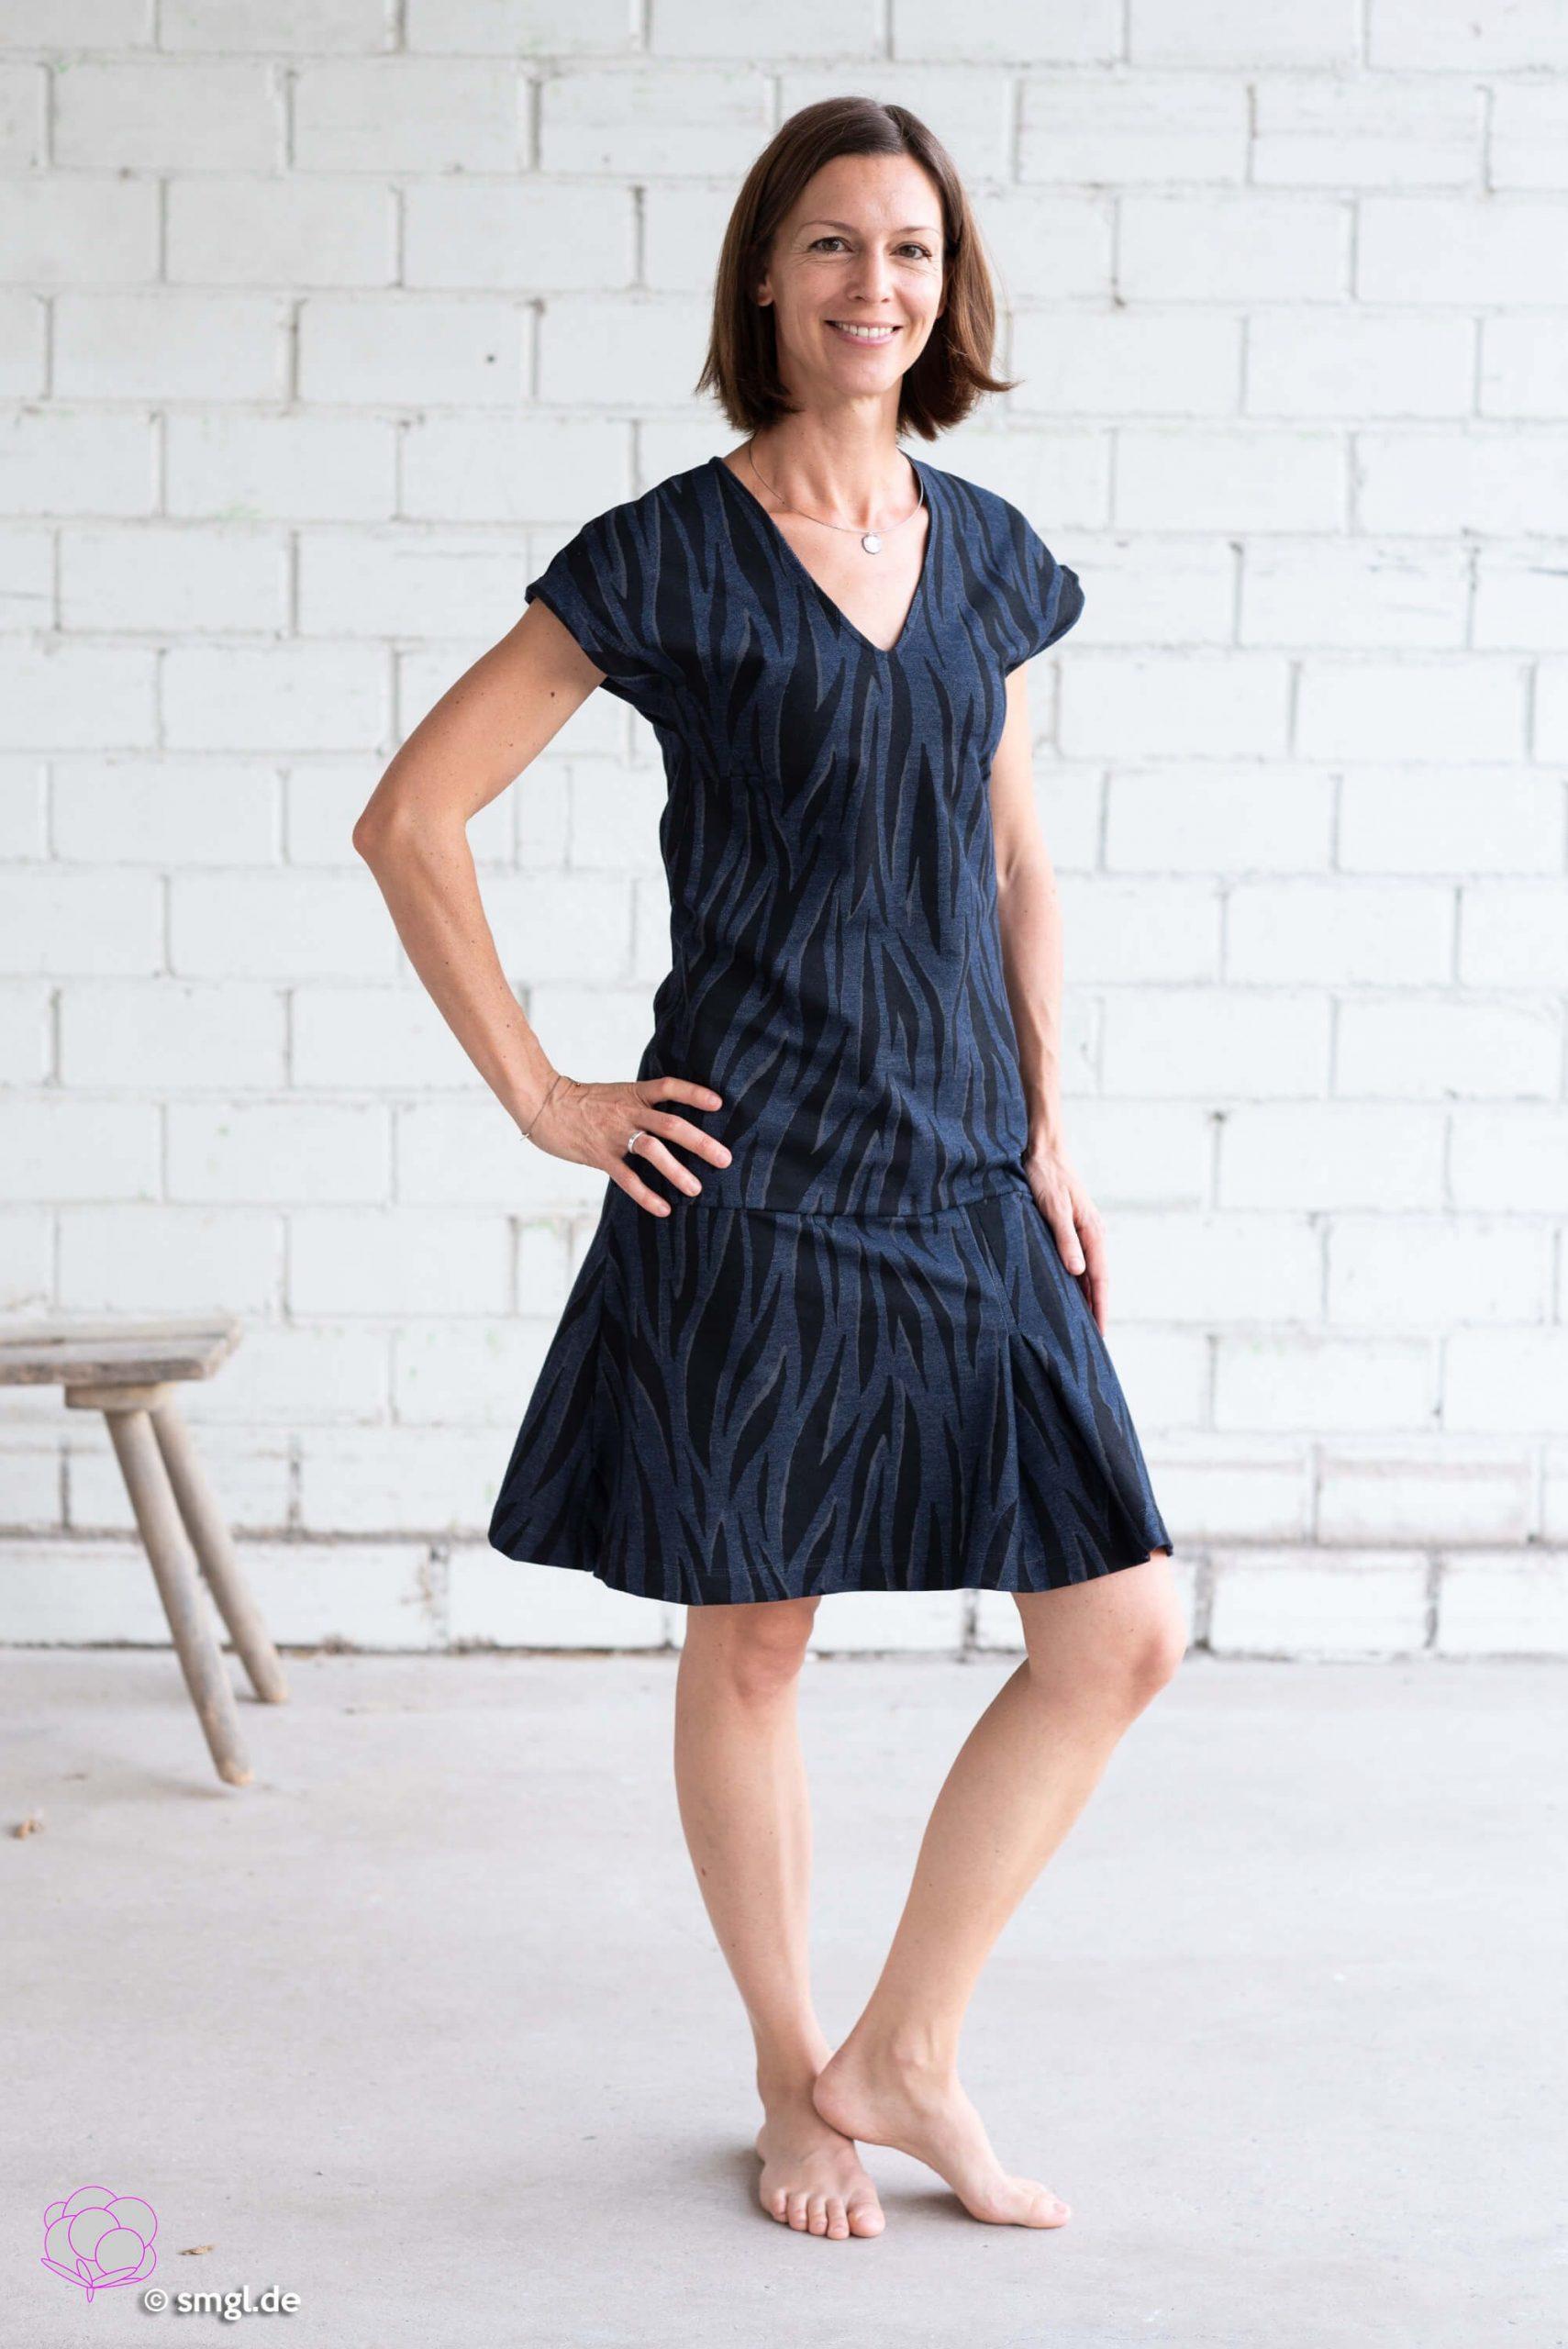 Werbungneu Zebra Jeanskleid Mit Bildern  Kleider